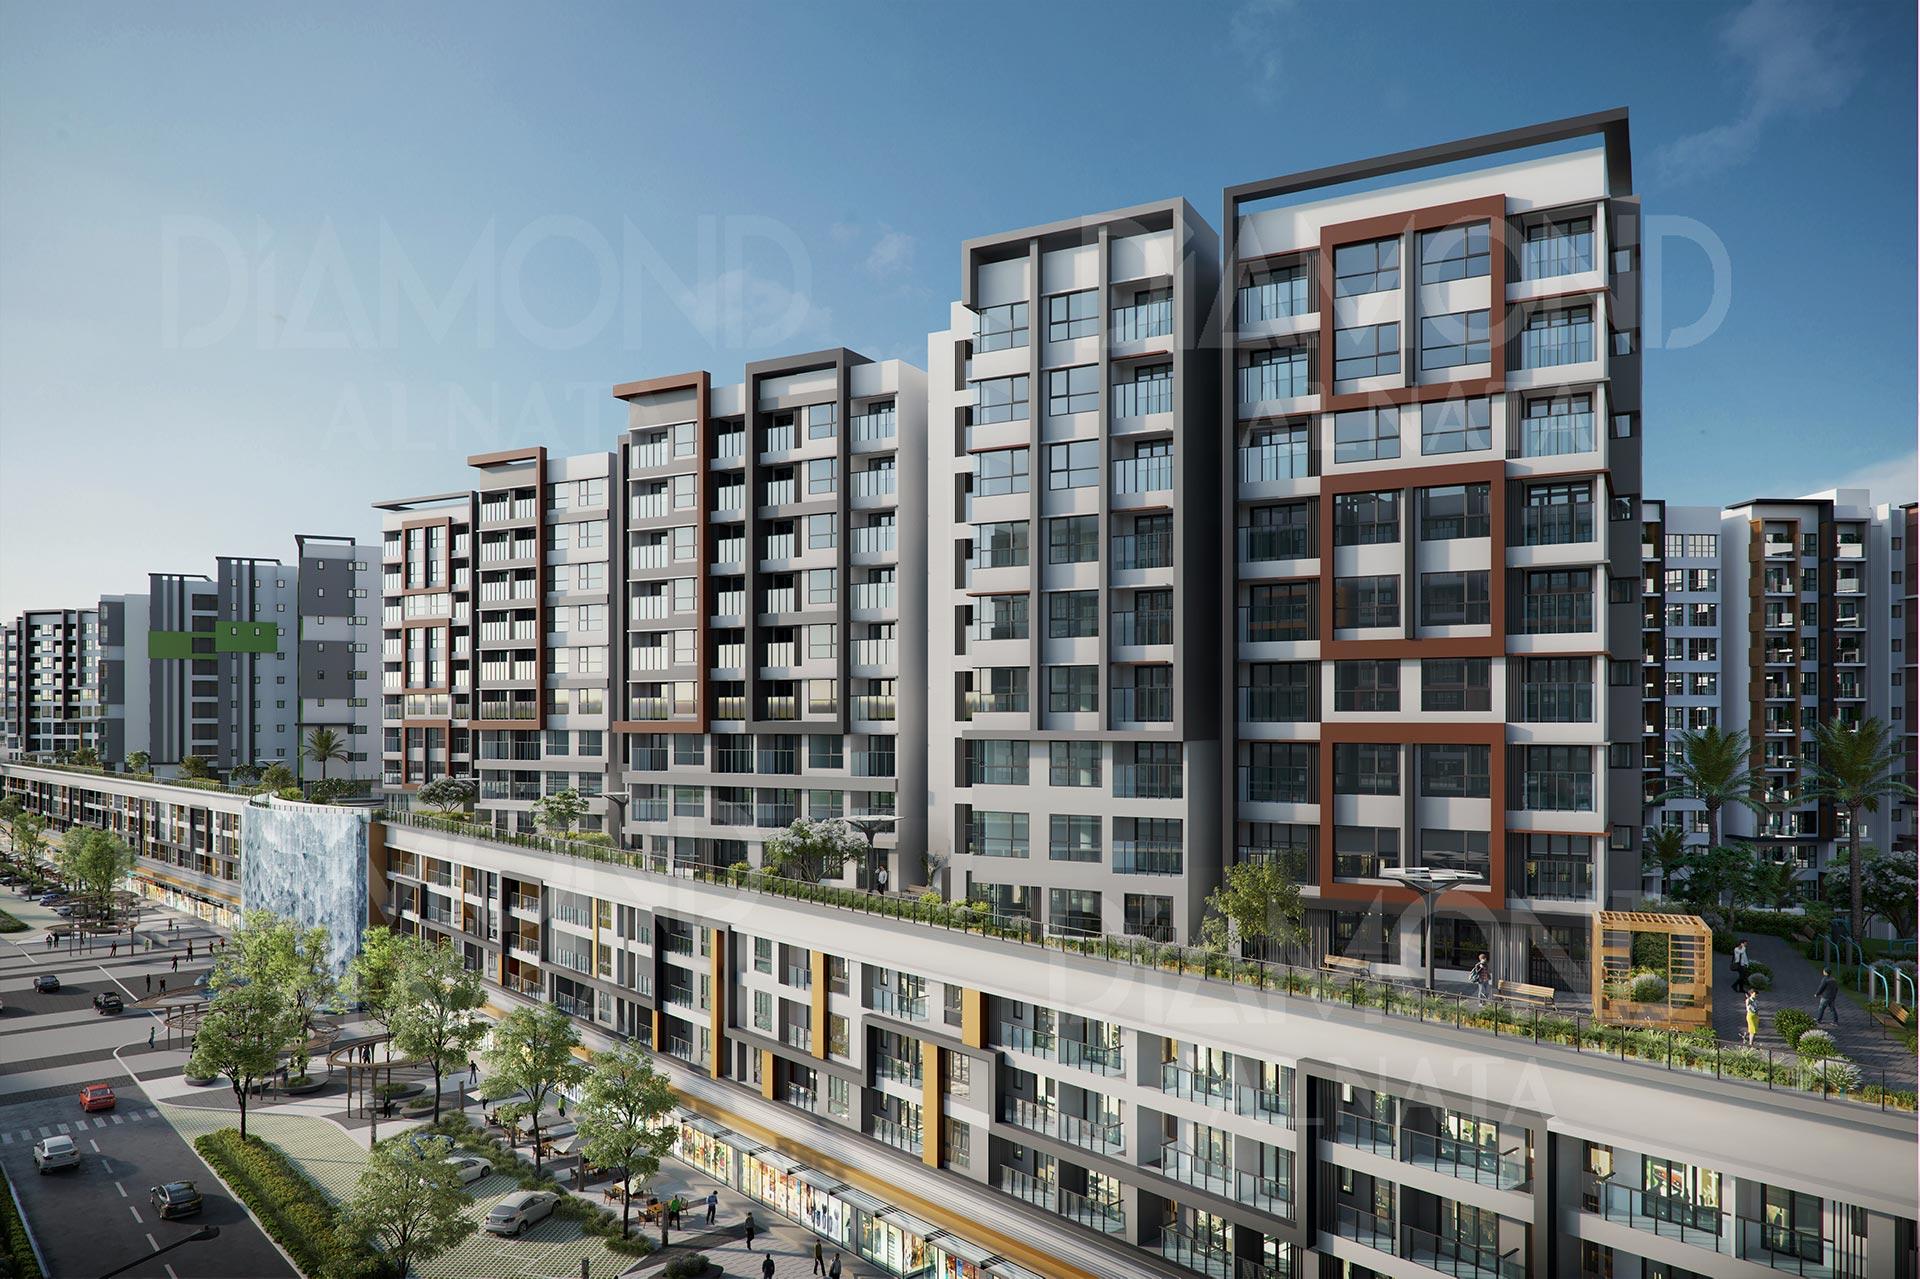 Khu đô thị Celadon City Tân Phú – Thành phố xanh và hiện đại bậc nhất Sài Gòn. 5